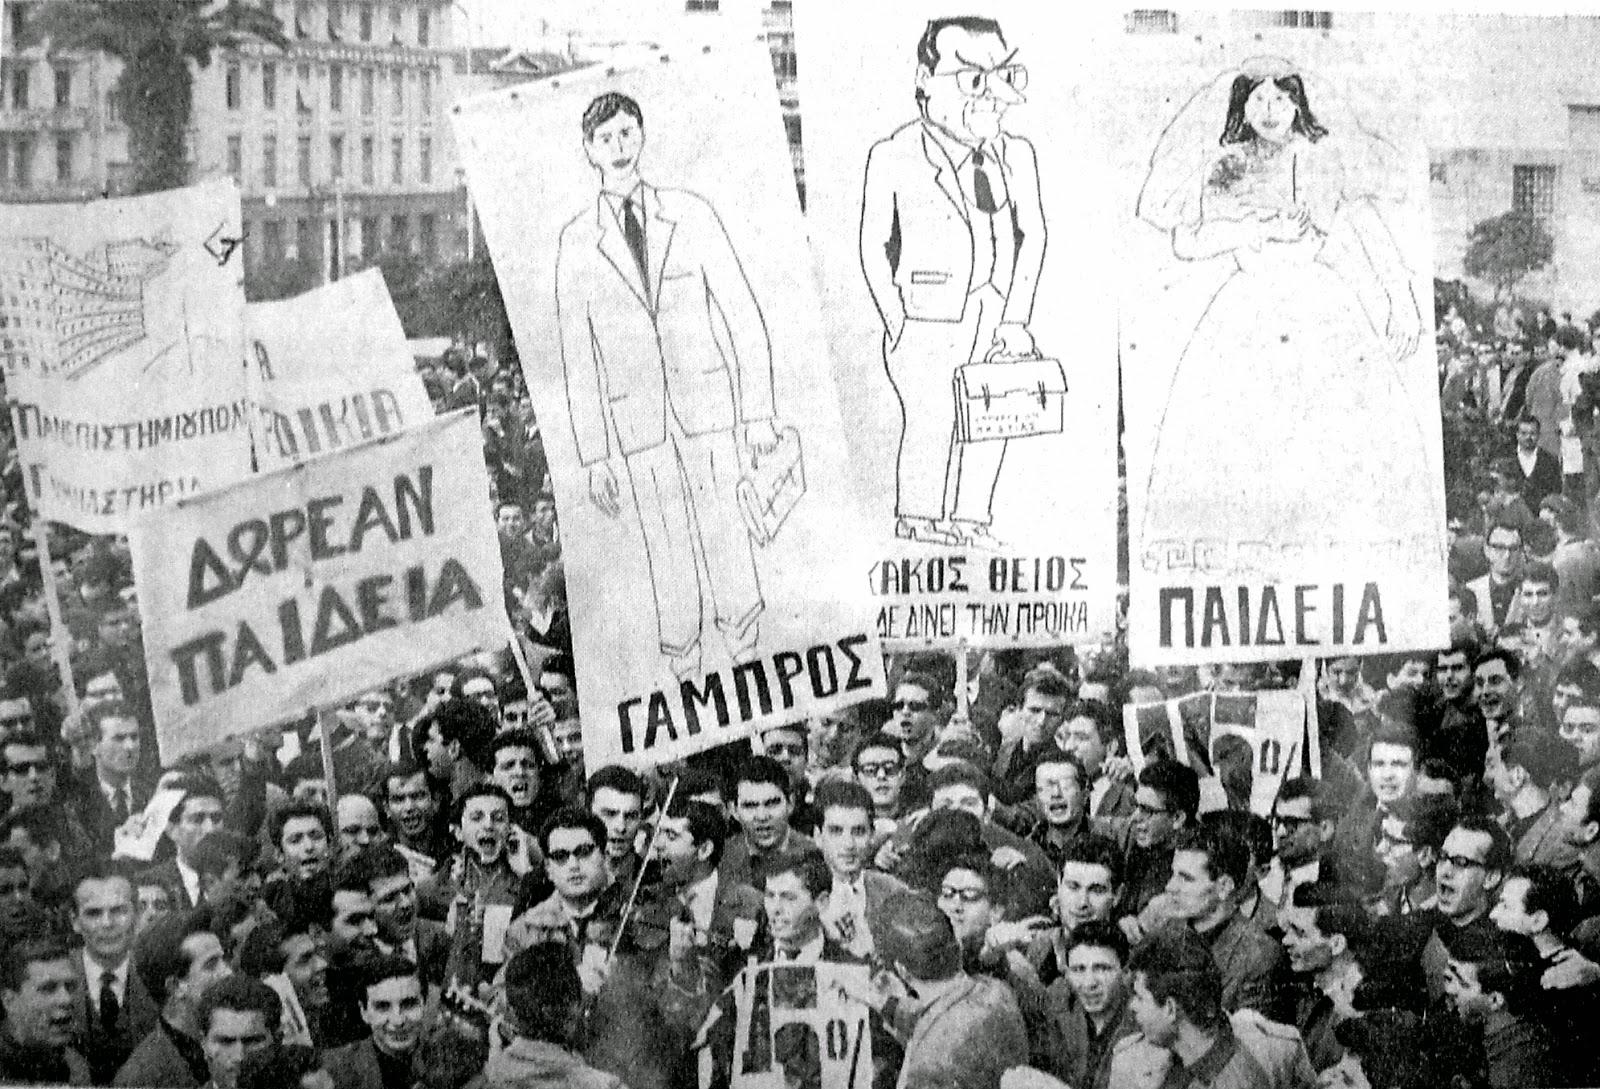 Η διαδήλωση κατά  του «Κακού Θείου» με τα πλακάτ του Λορδοκομείου